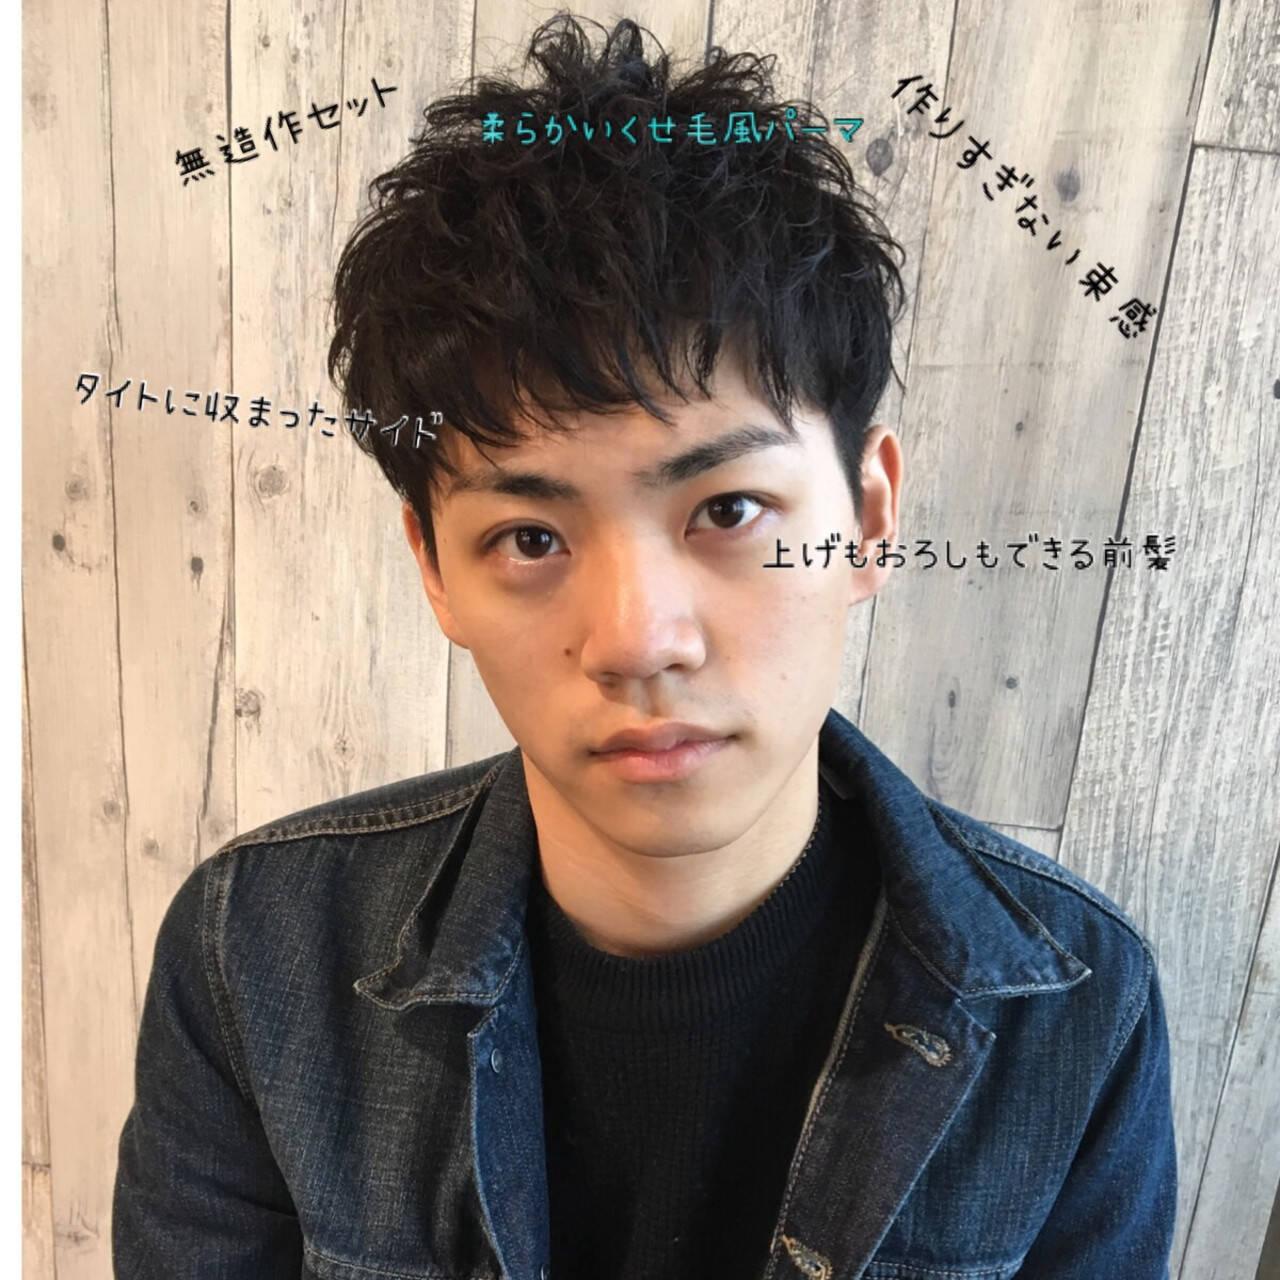 メンズパーマ ショート 学生 オフィスヘアスタイルや髪型の写真・画像